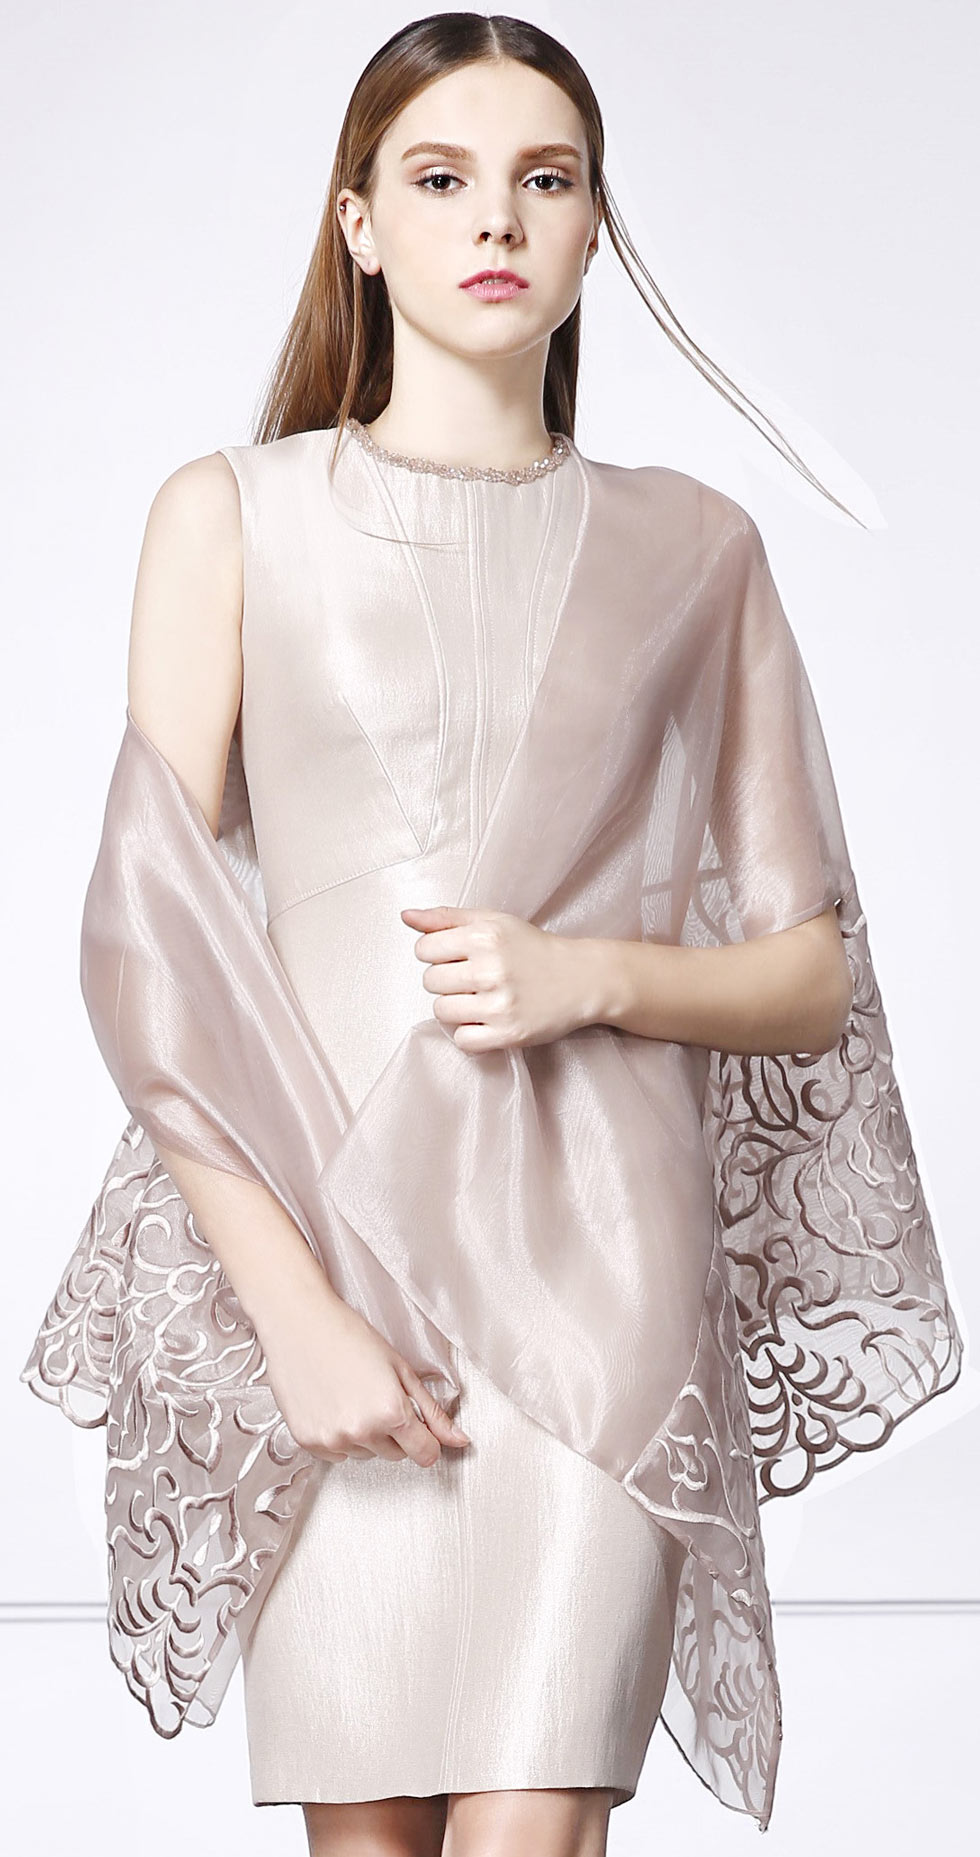 robe de soirée champagne courte avec étole chic